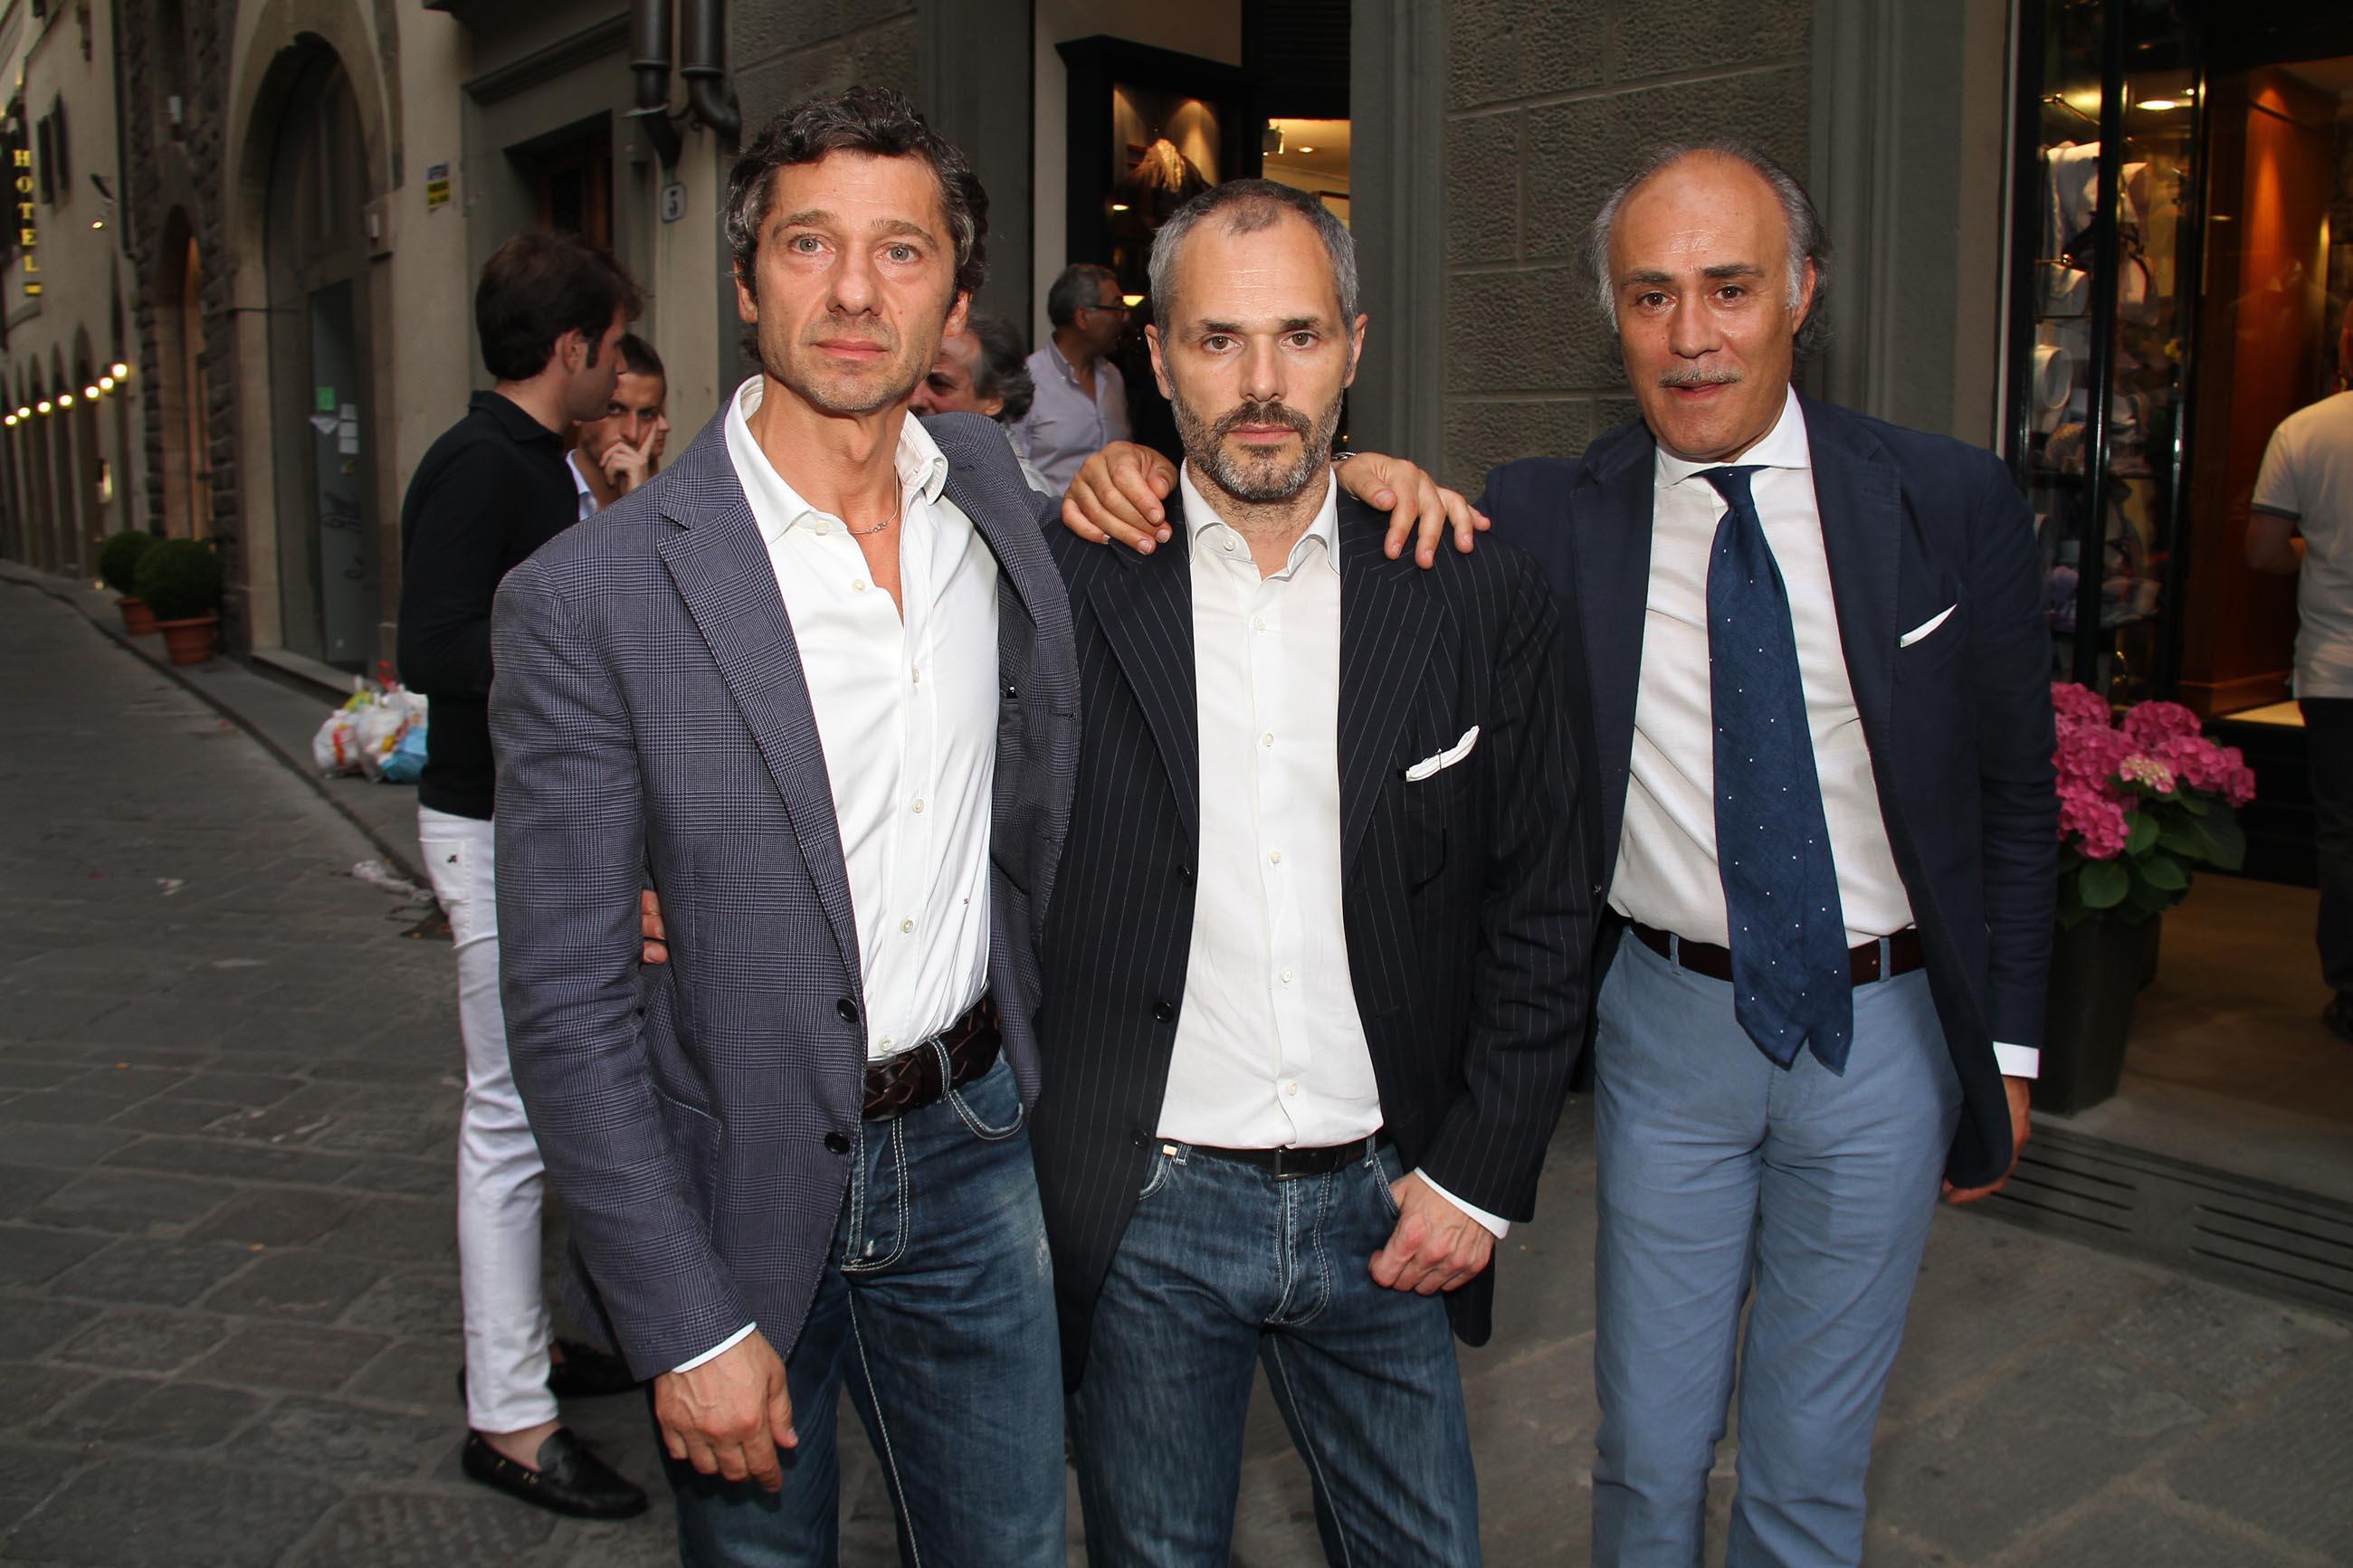 PRESSPHOTO Firenze, Evento Milord Aston Martin. Nella foto Saverio Latella, Christian Rossi, Lillo Frenda